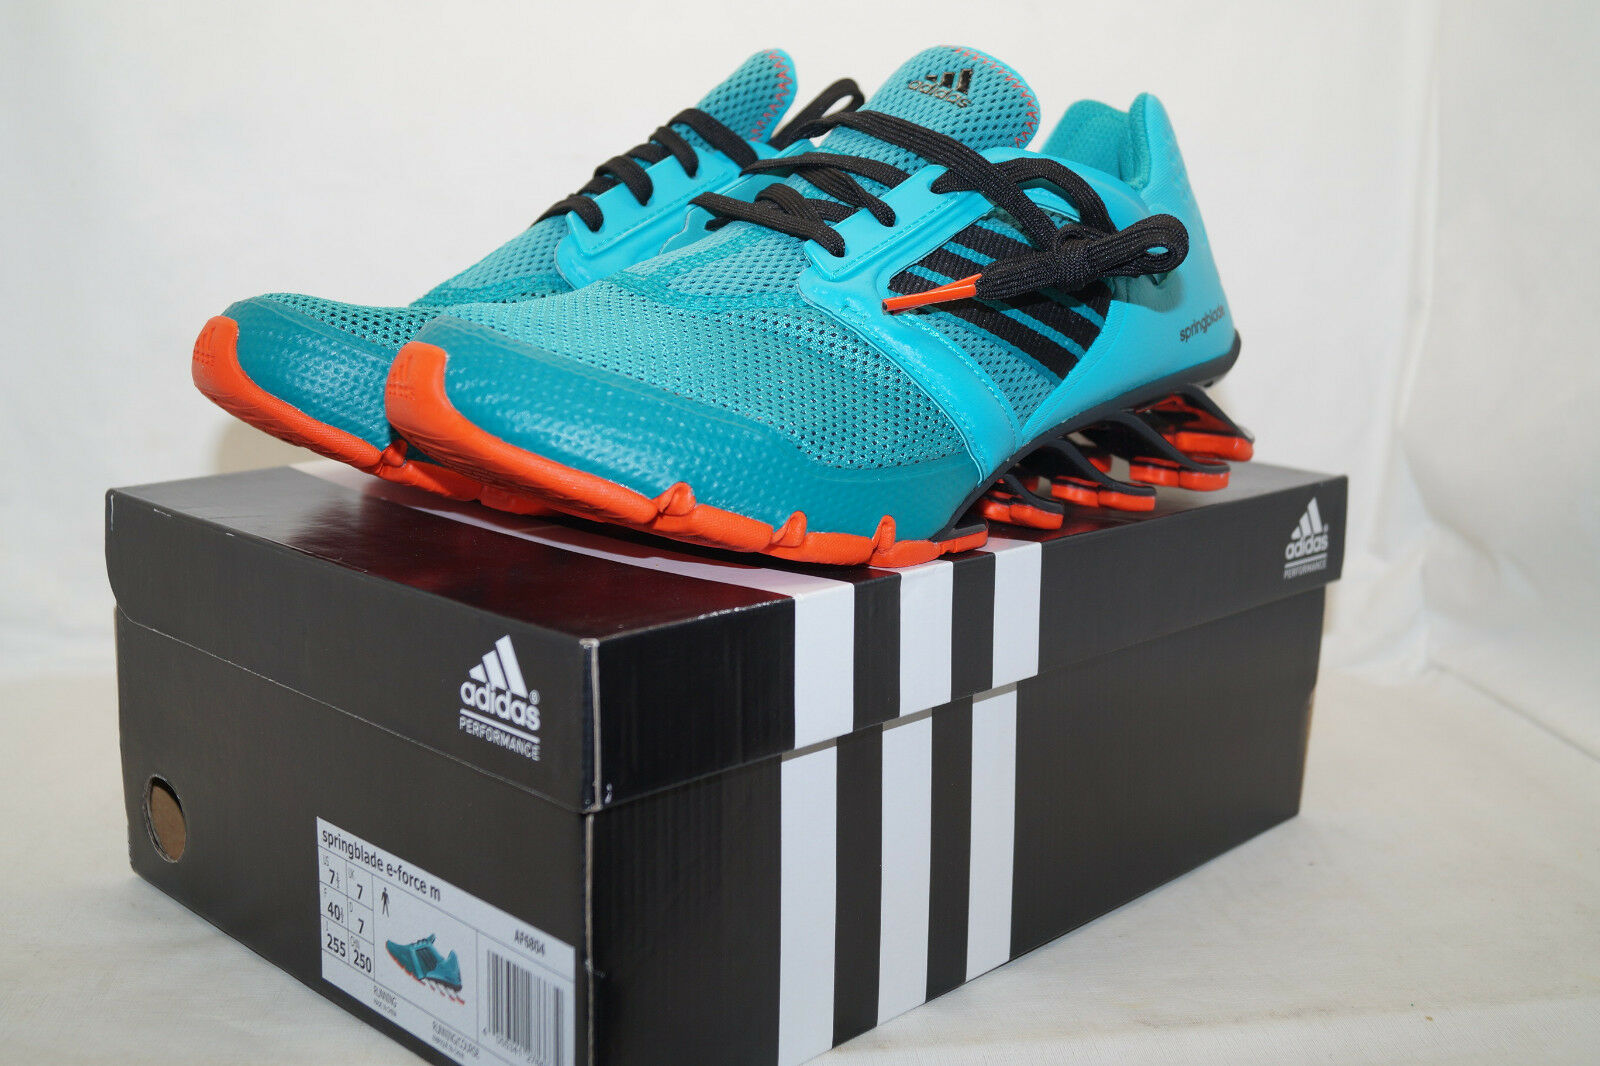 Adidas springblade Corriendo e-force m eu.40 2/3 Corriendo springblade Nuevo turquesa af6804 62f4e0